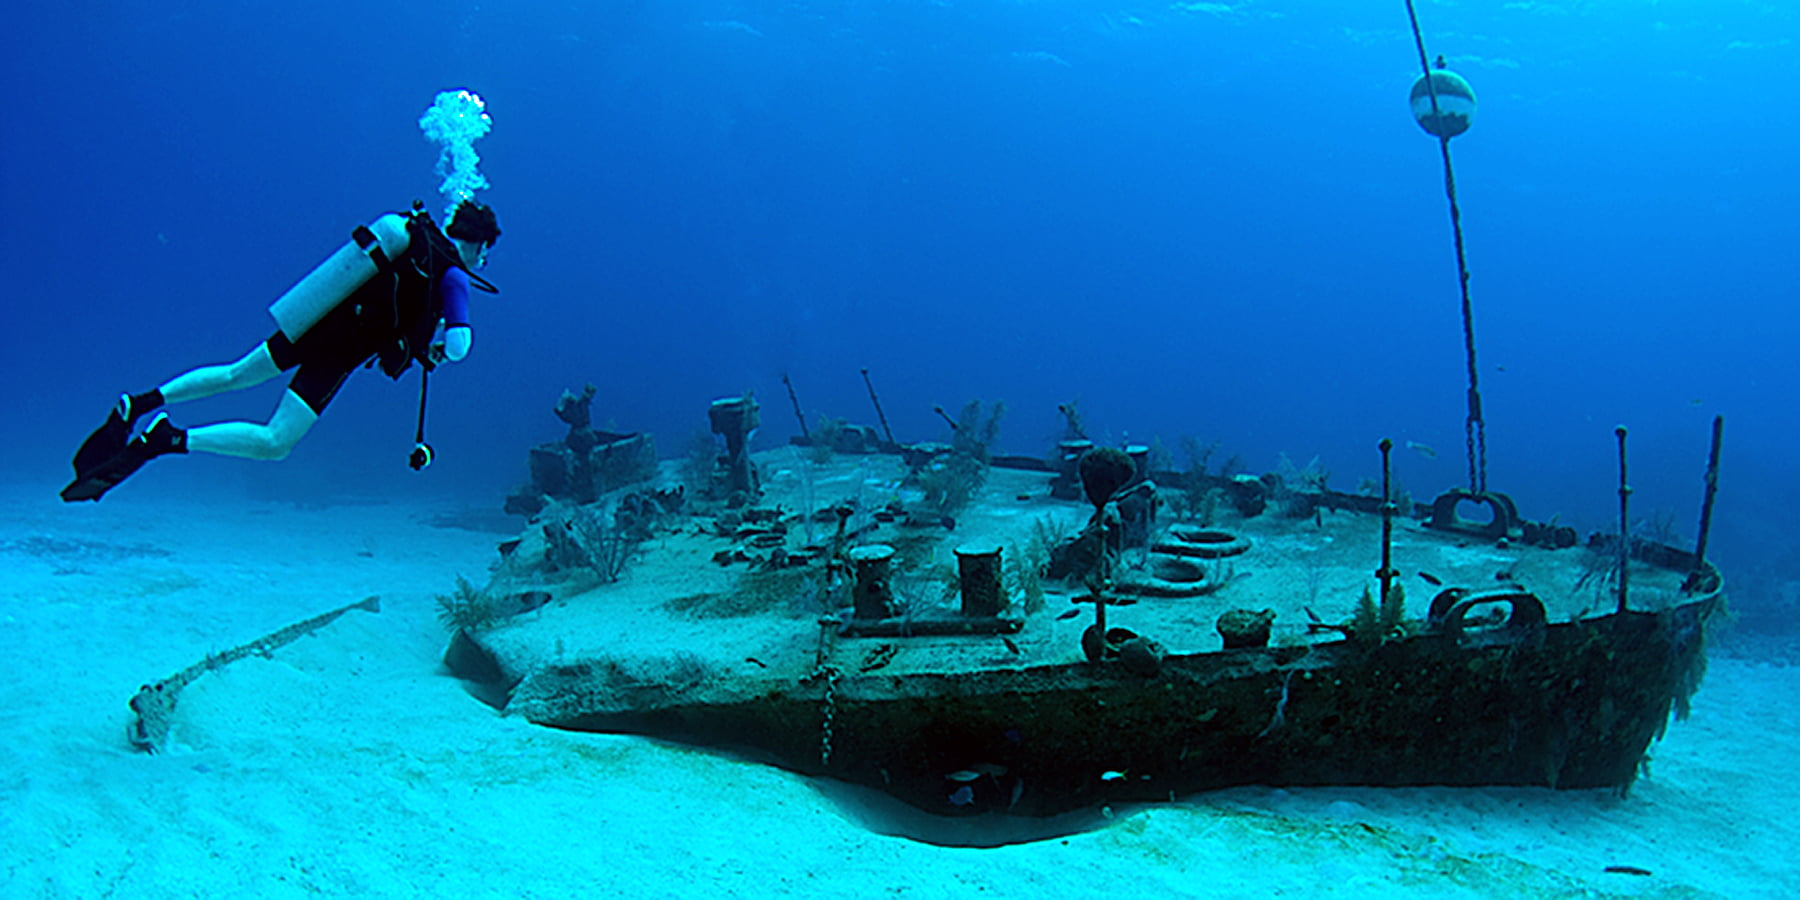 turism subacvatic